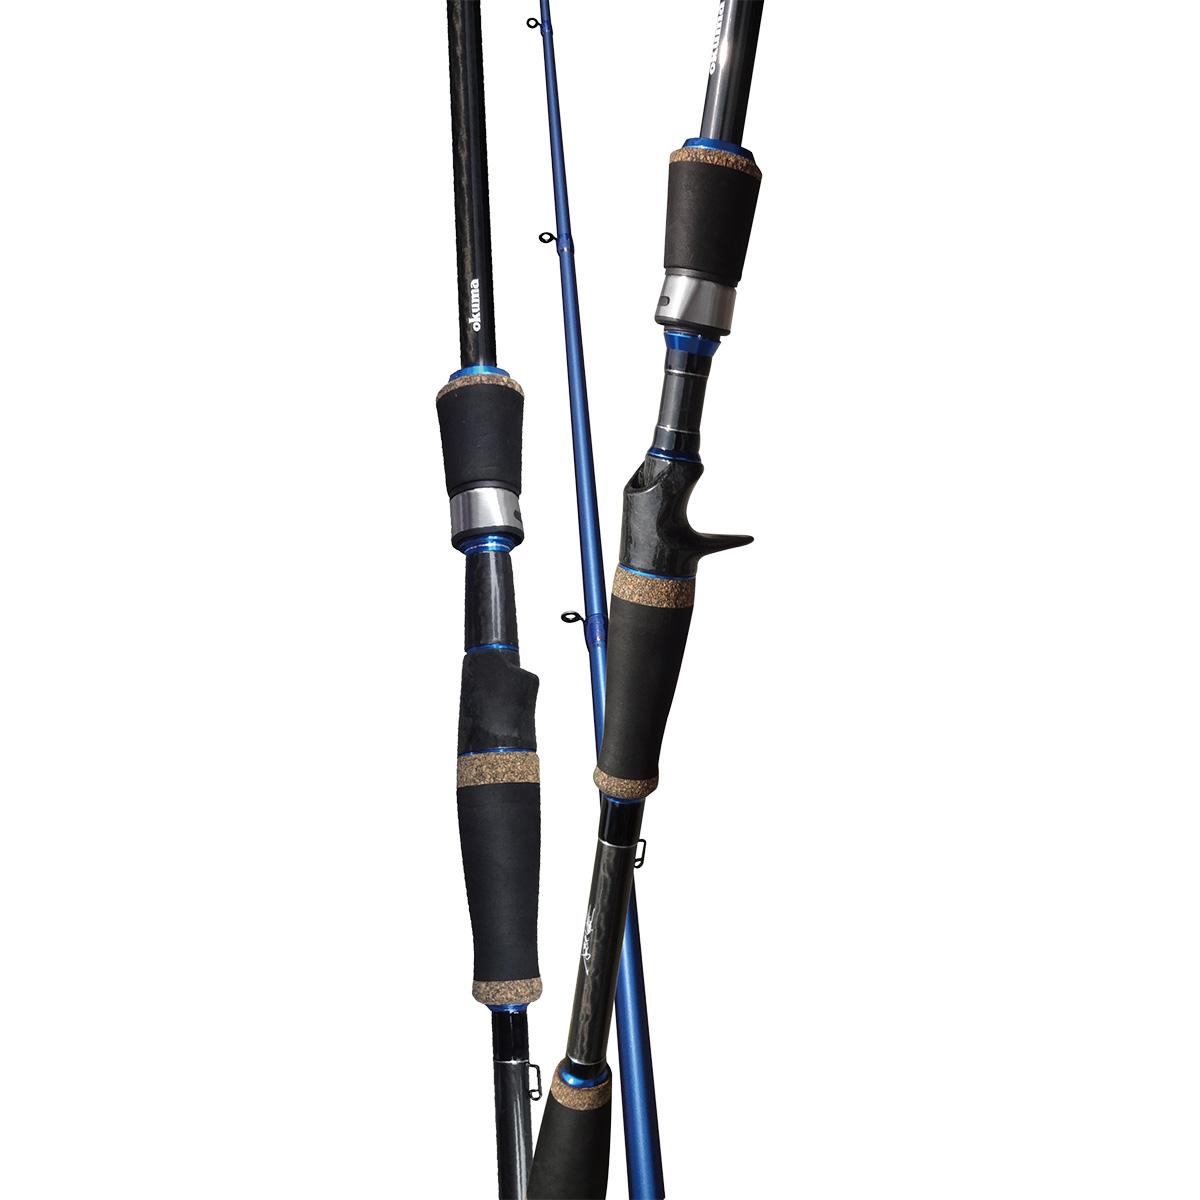 Tcs rod okuma fishing rods and reels okuma fishing for Okuma fishing rods